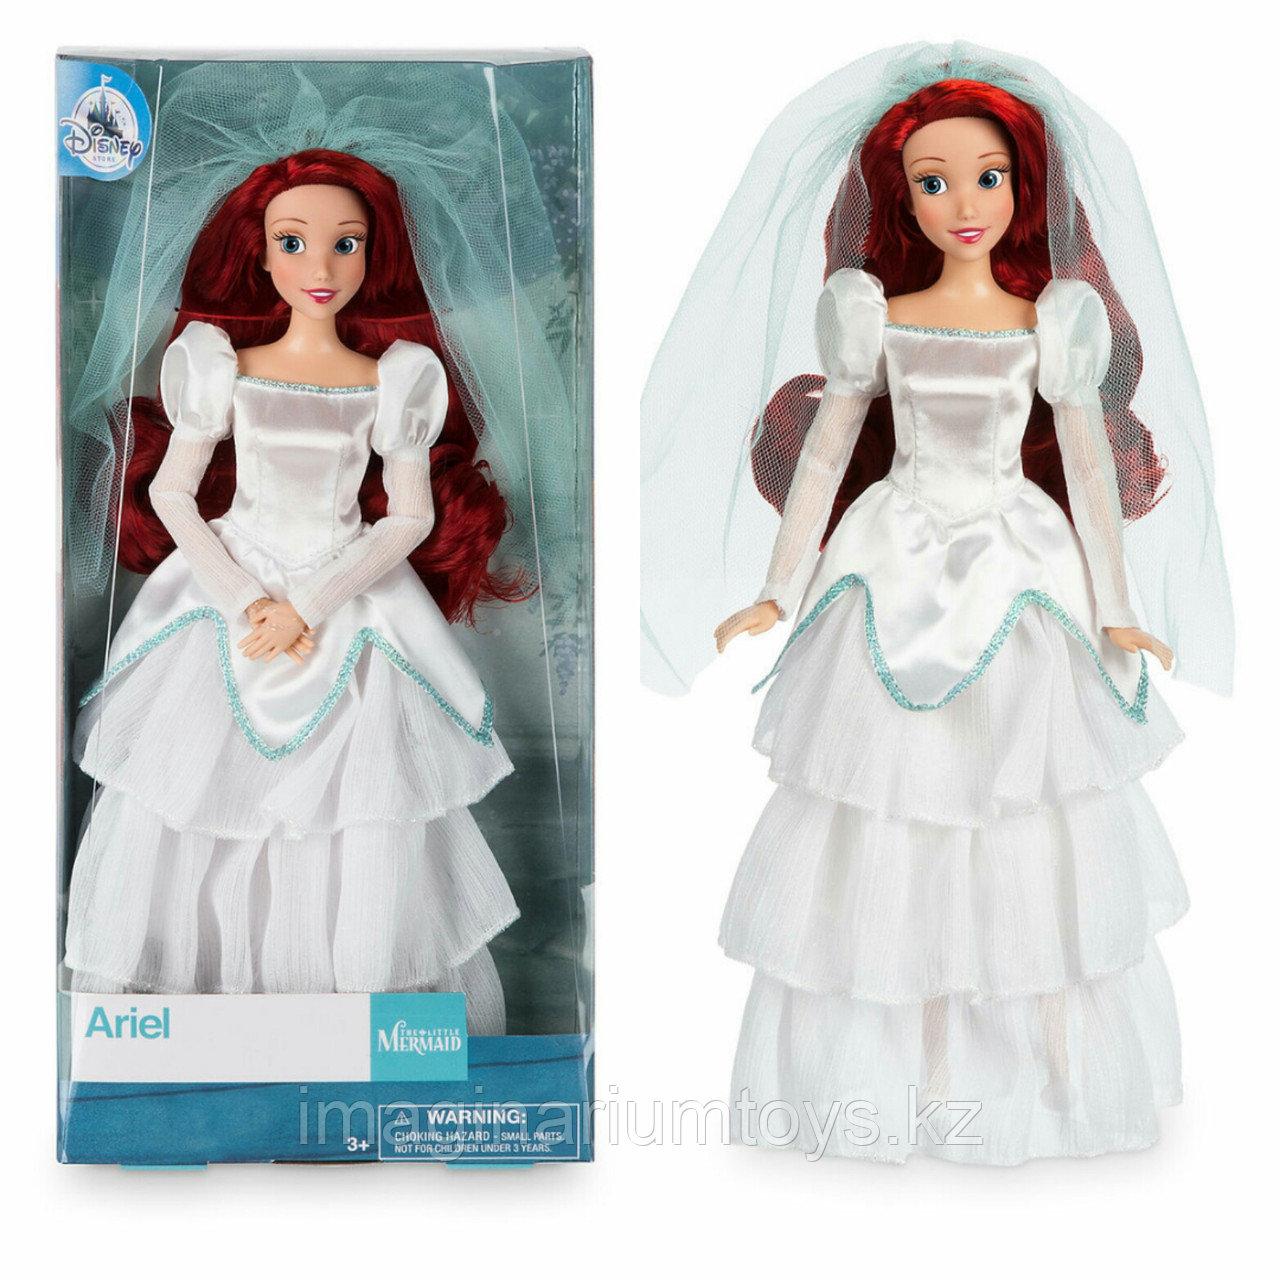 Кукла Ариэль Disney